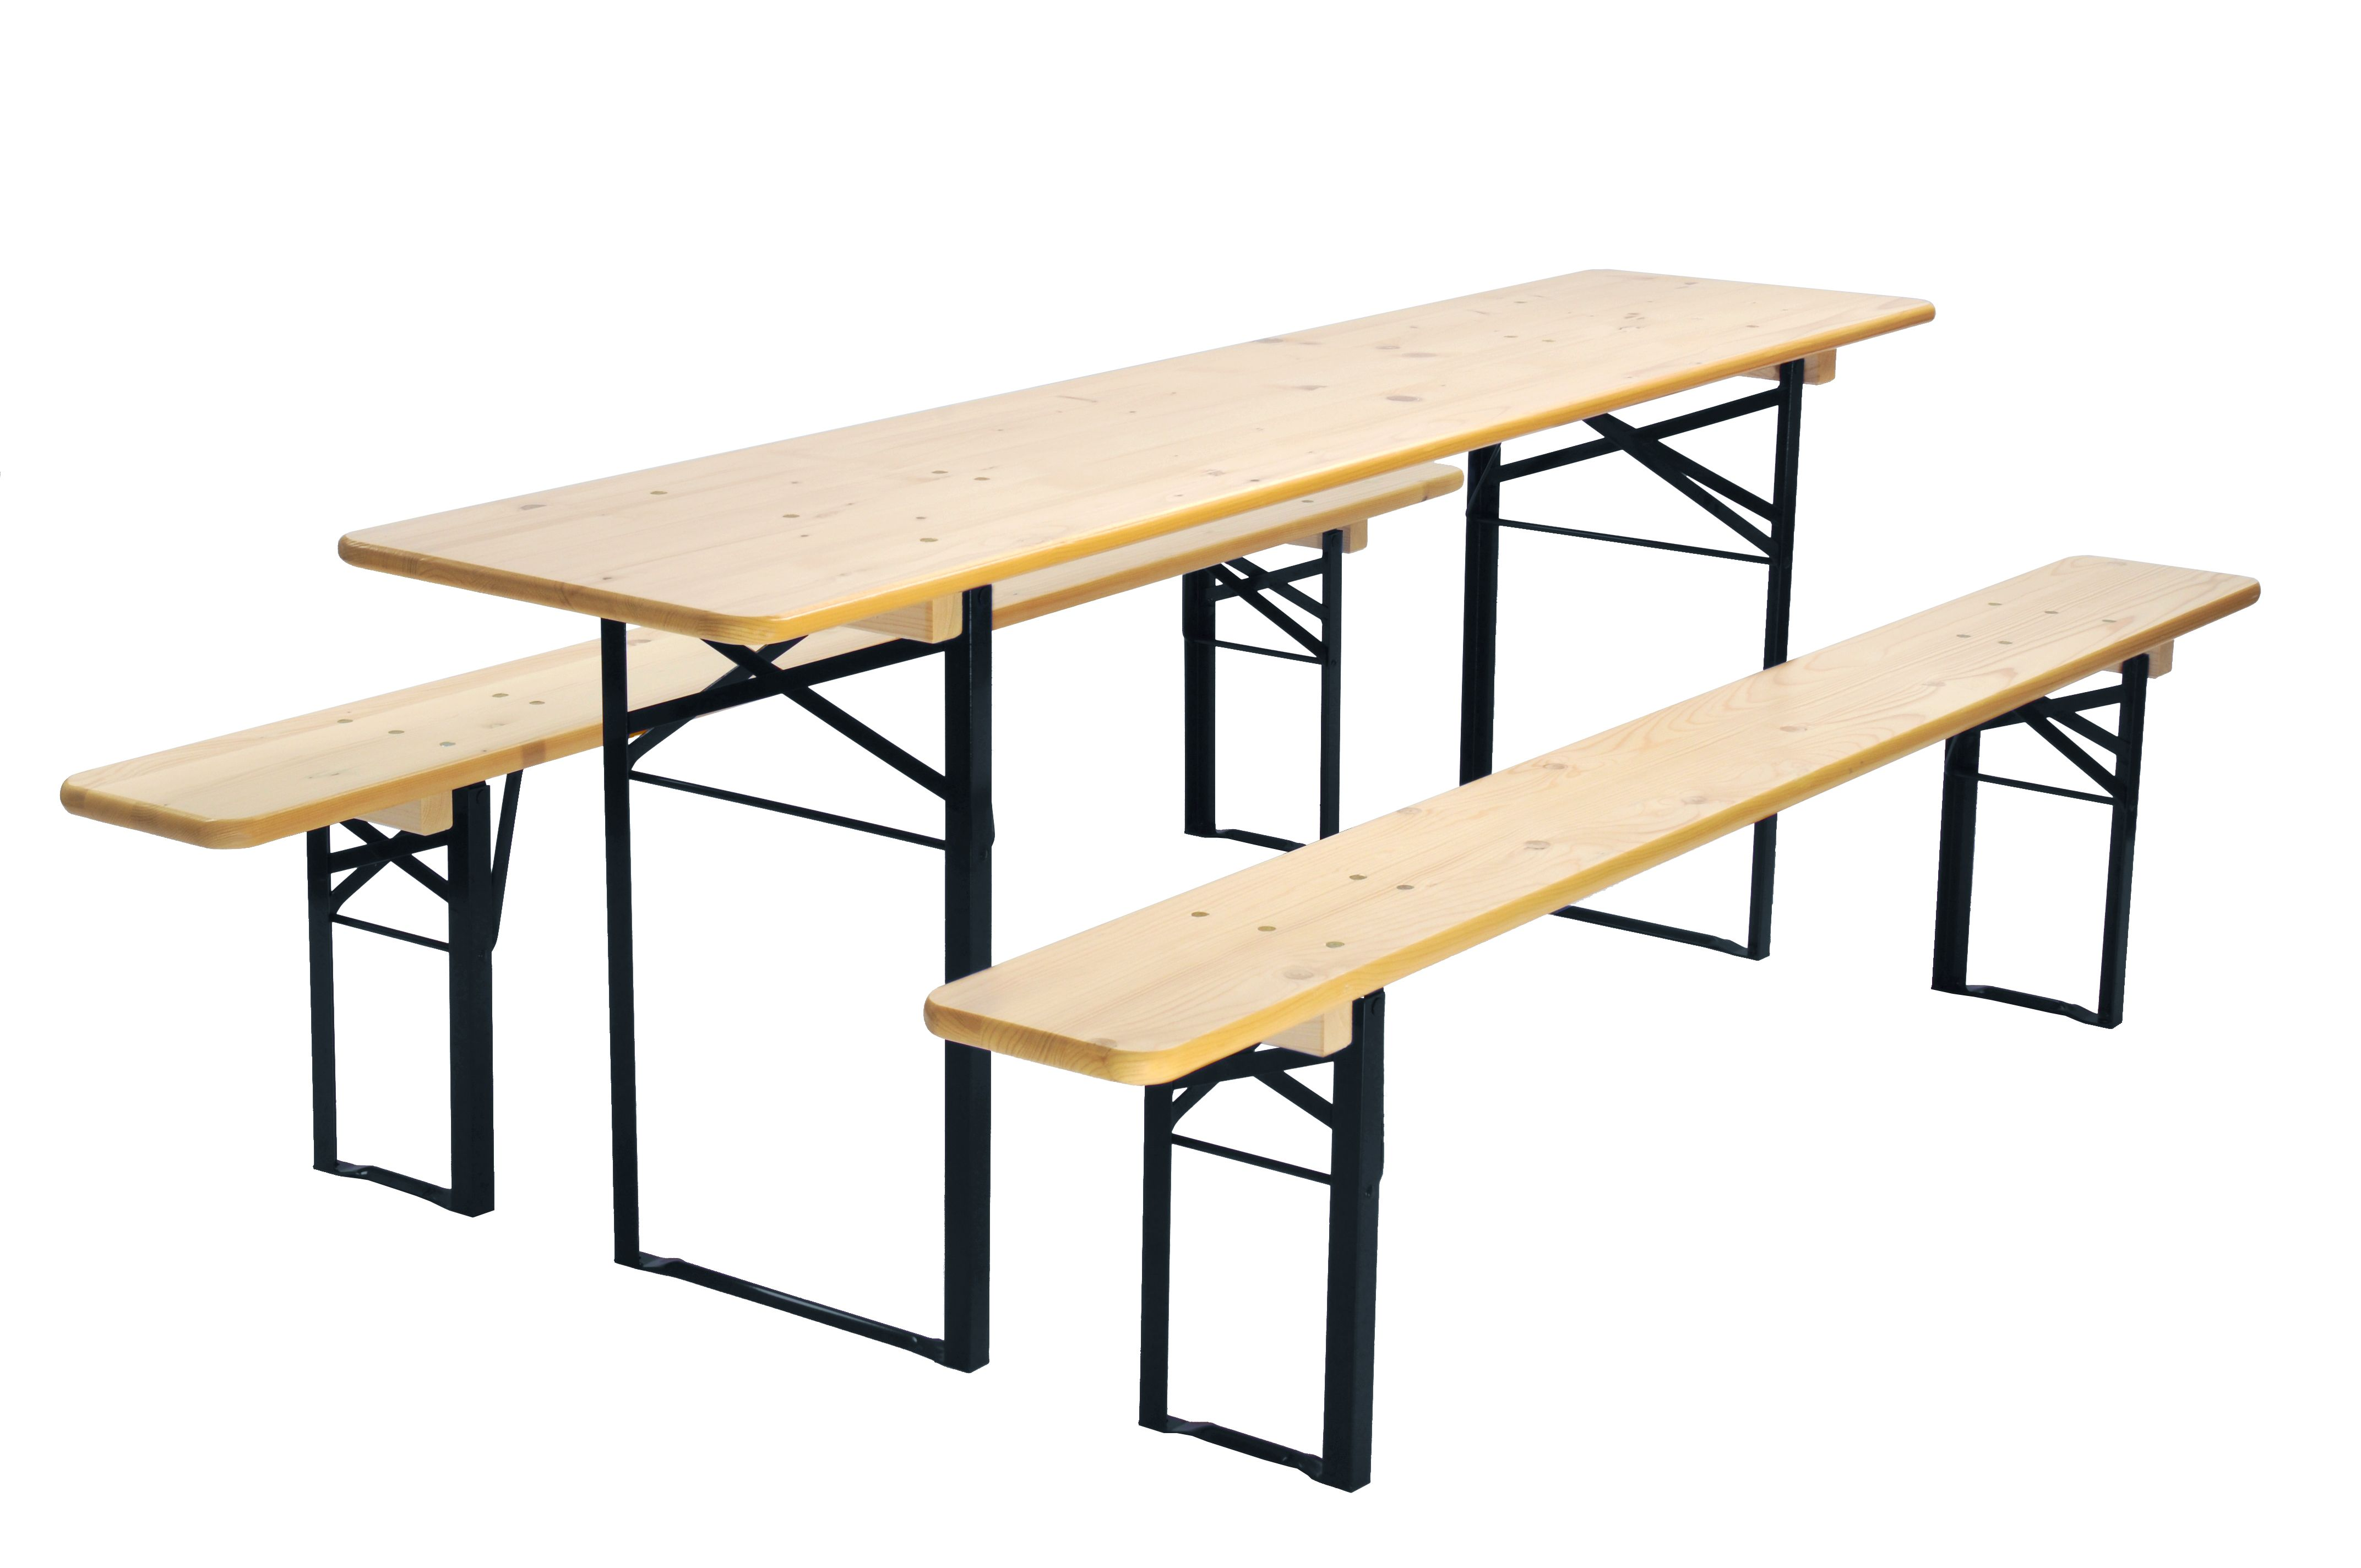 Peachy Tables Benches Beer Garden Furniture Garden Table Creativecarmelina Interior Chair Design Creativecarmelinacom